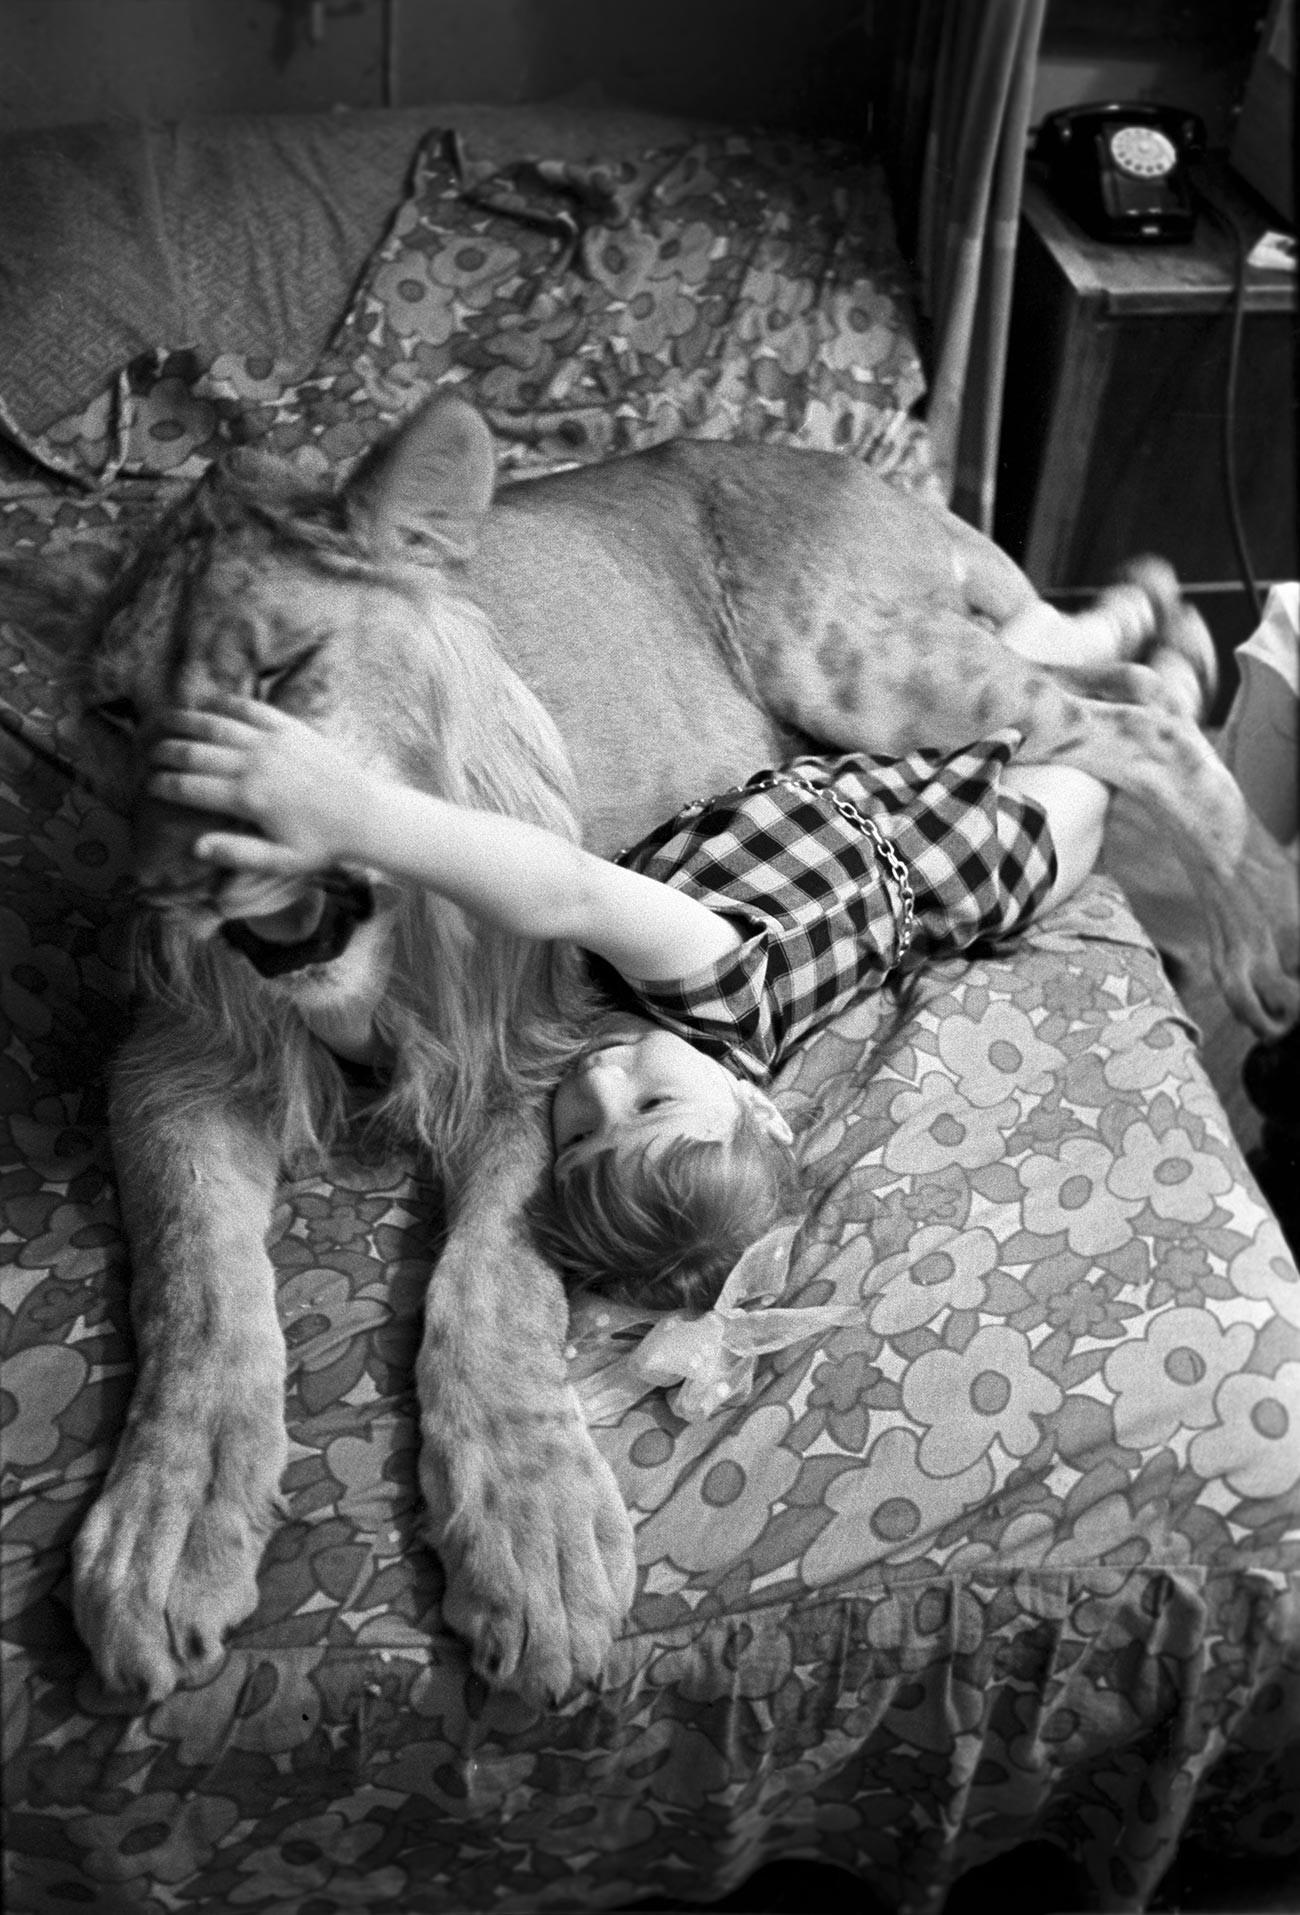 Udomačeni levji kralj s hčerko arhitekta Leva Berberova - Evo